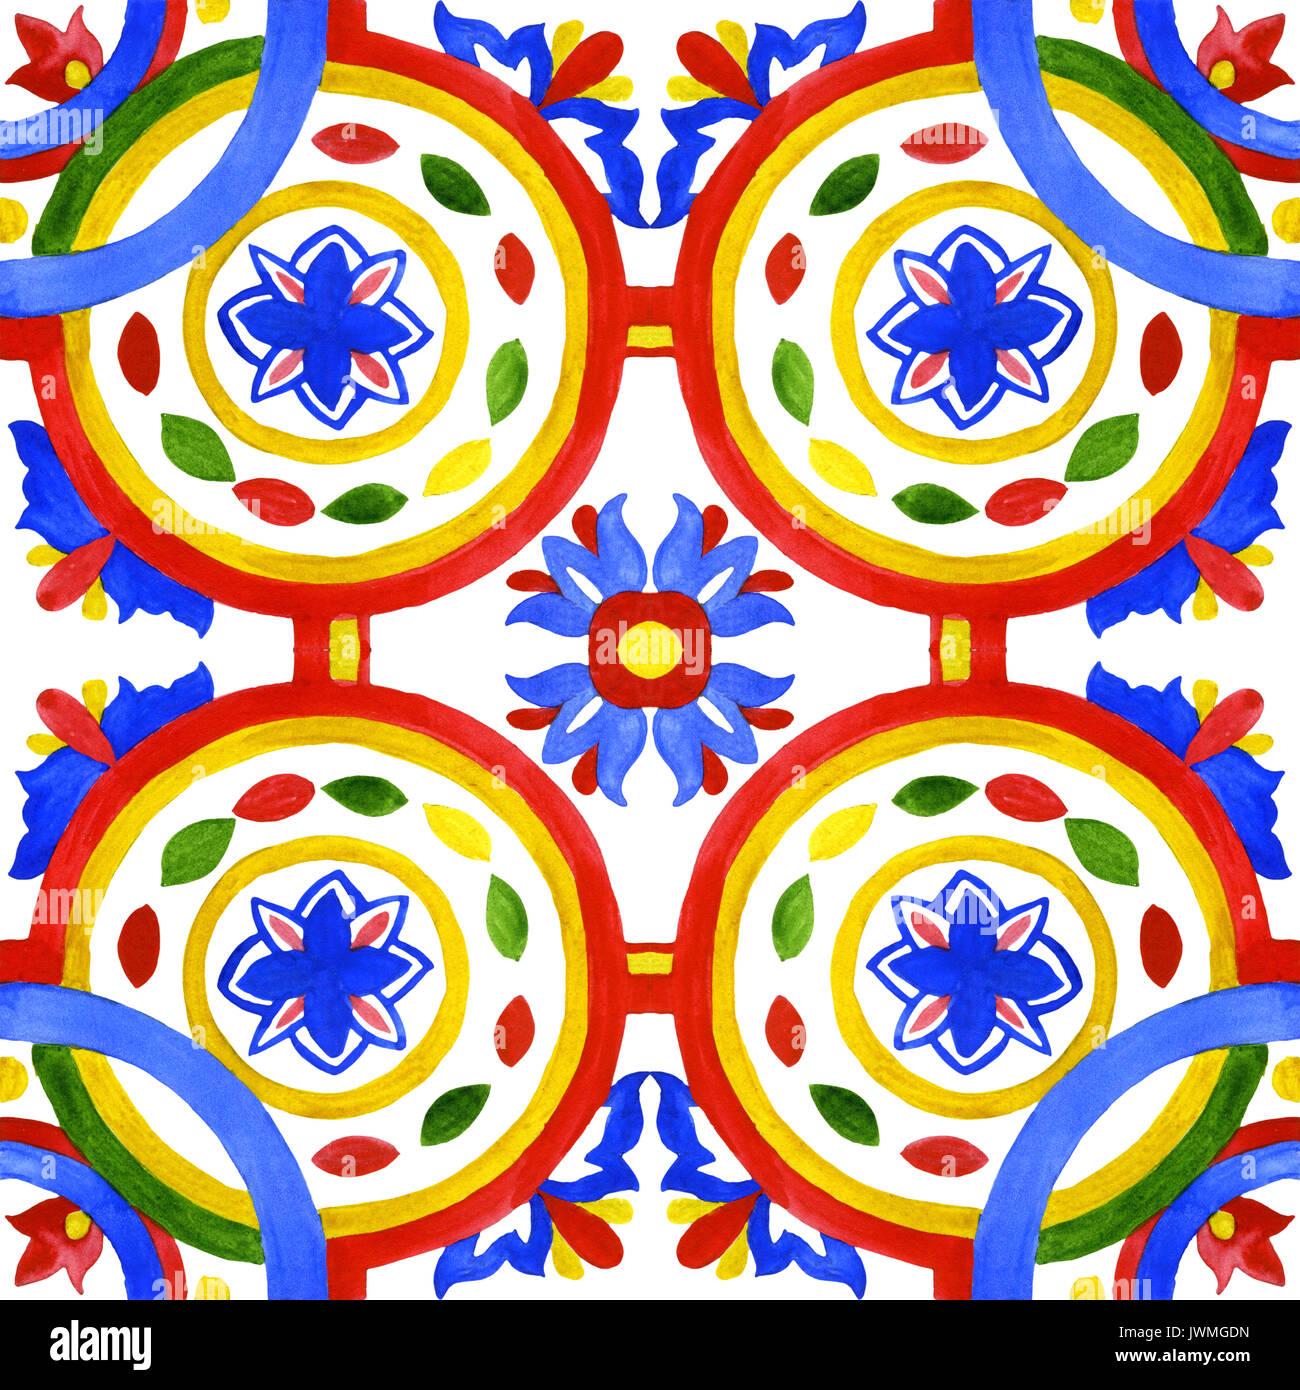 Portugiesische Azulejo Kacheln Wunderschöne Nahtlose Muster Für - Tapete portugiesische fliesen